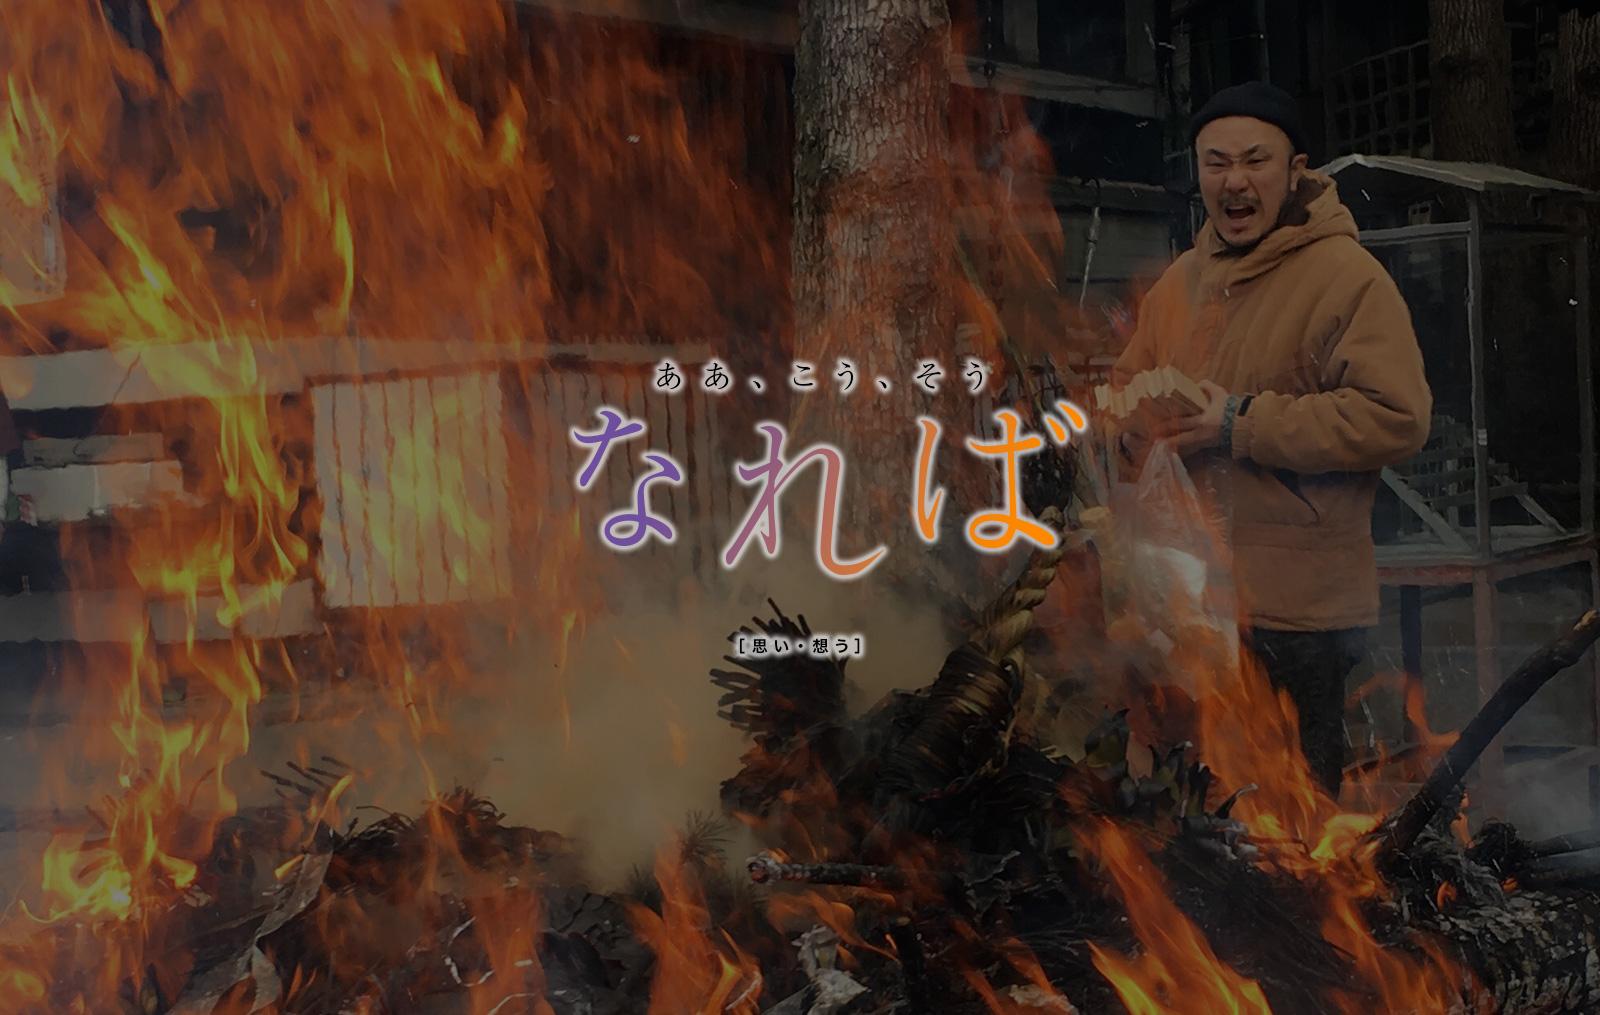 忘年木を聖なる炎 ブッダファイヤーでお焚き上げしてきました!